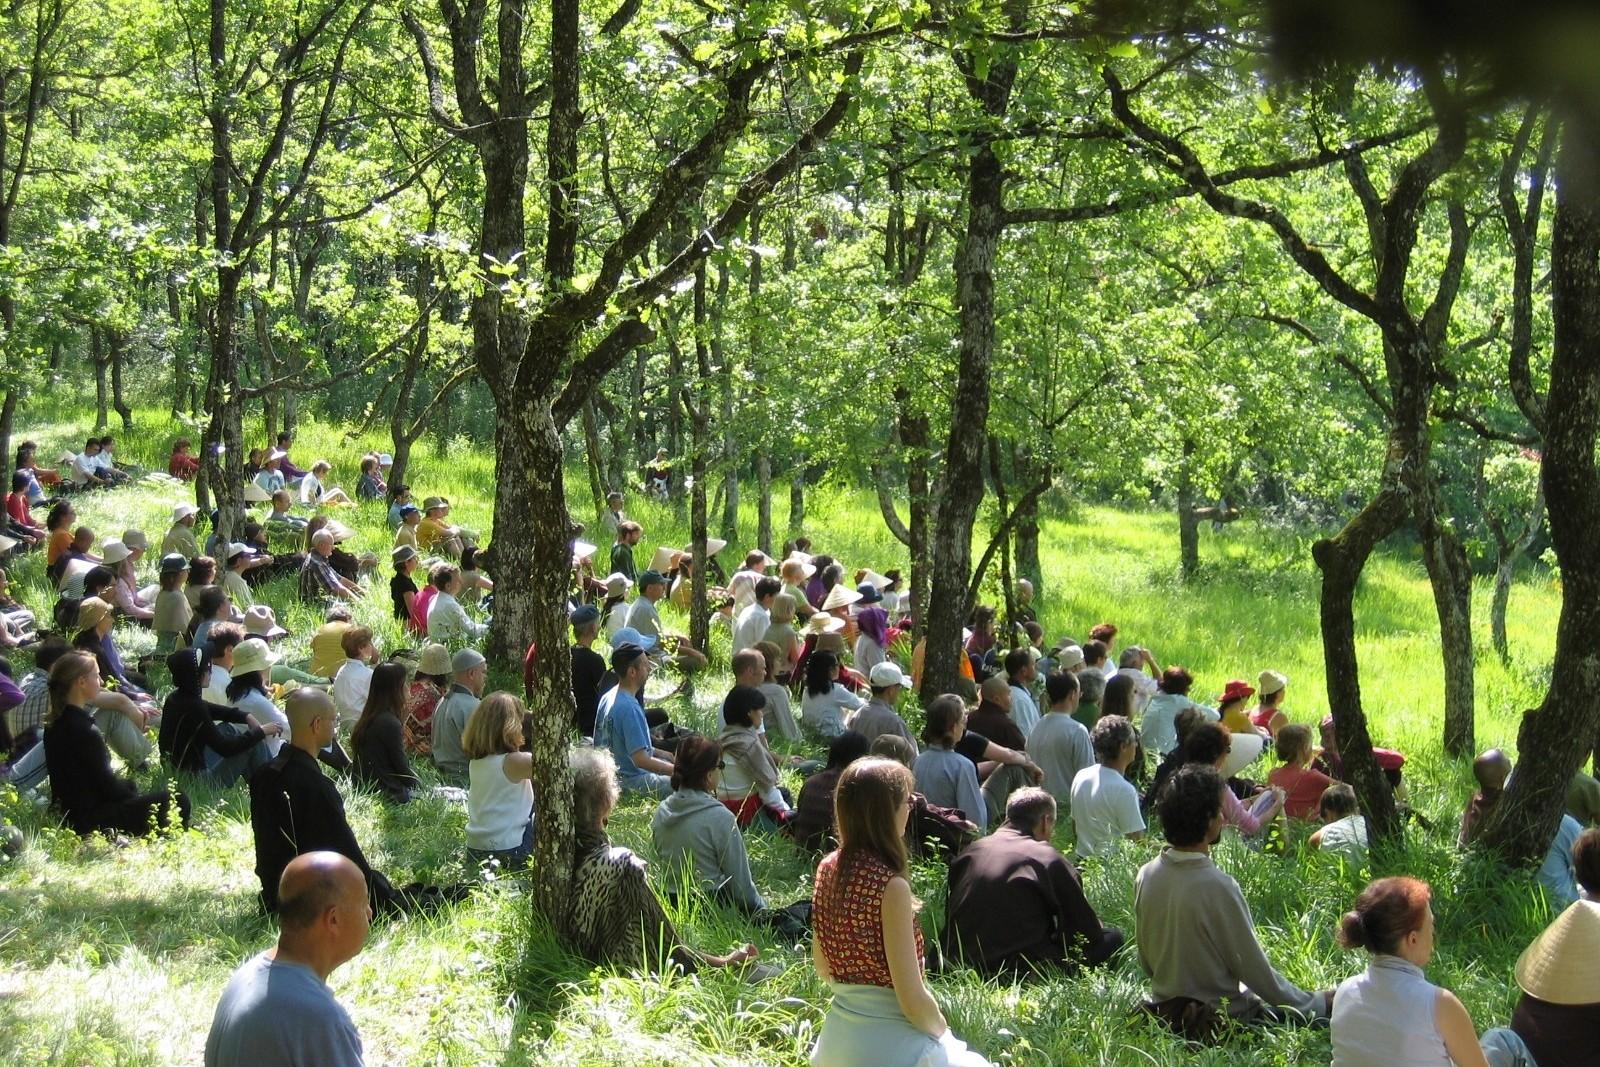 Au Village des Pruniers, les retraitants apprennent la culture et la philosophie bouddhiste.